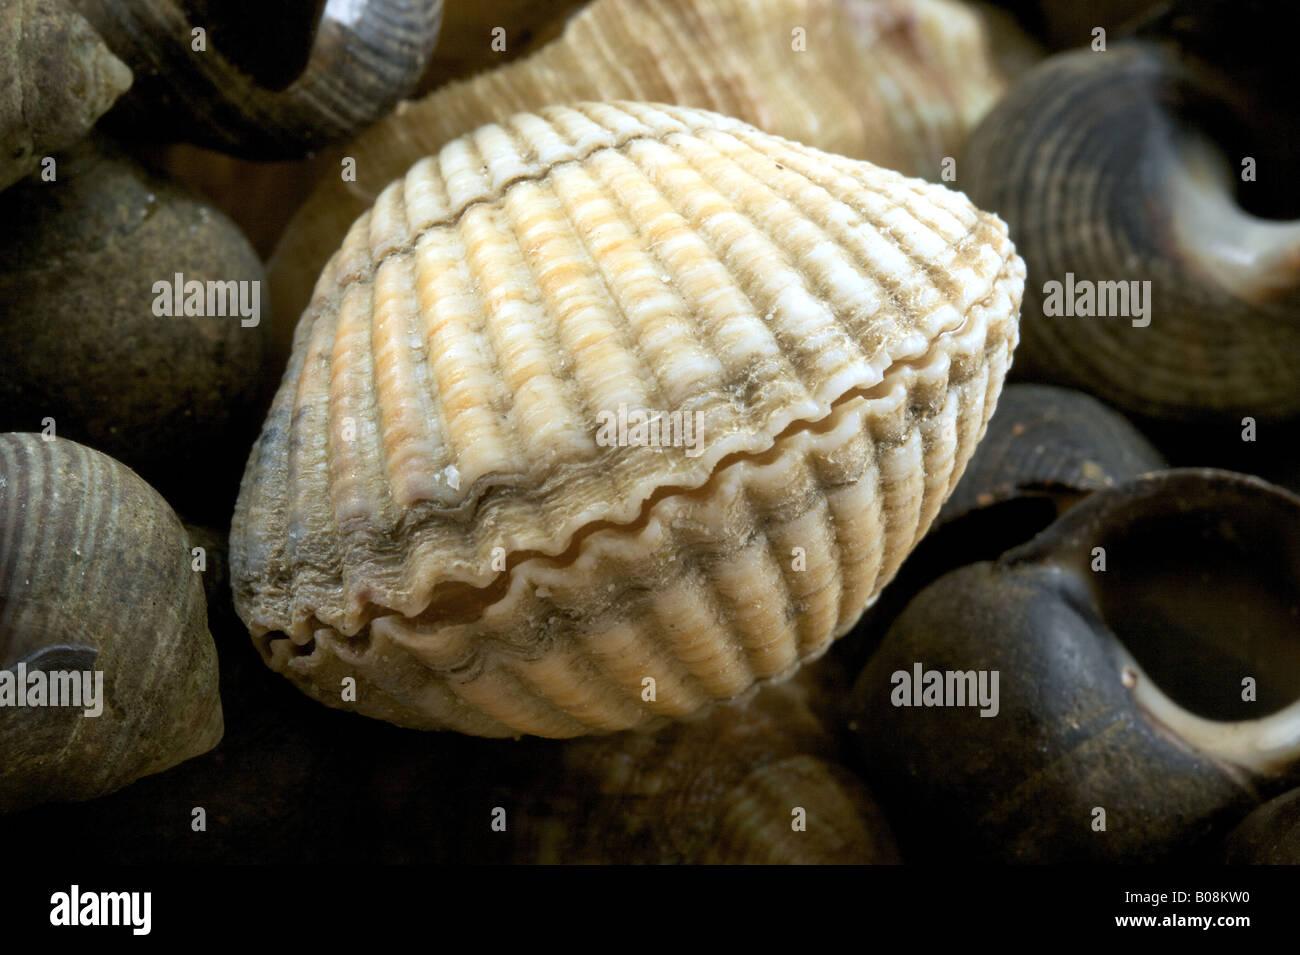 fruits de mer Photo Stock